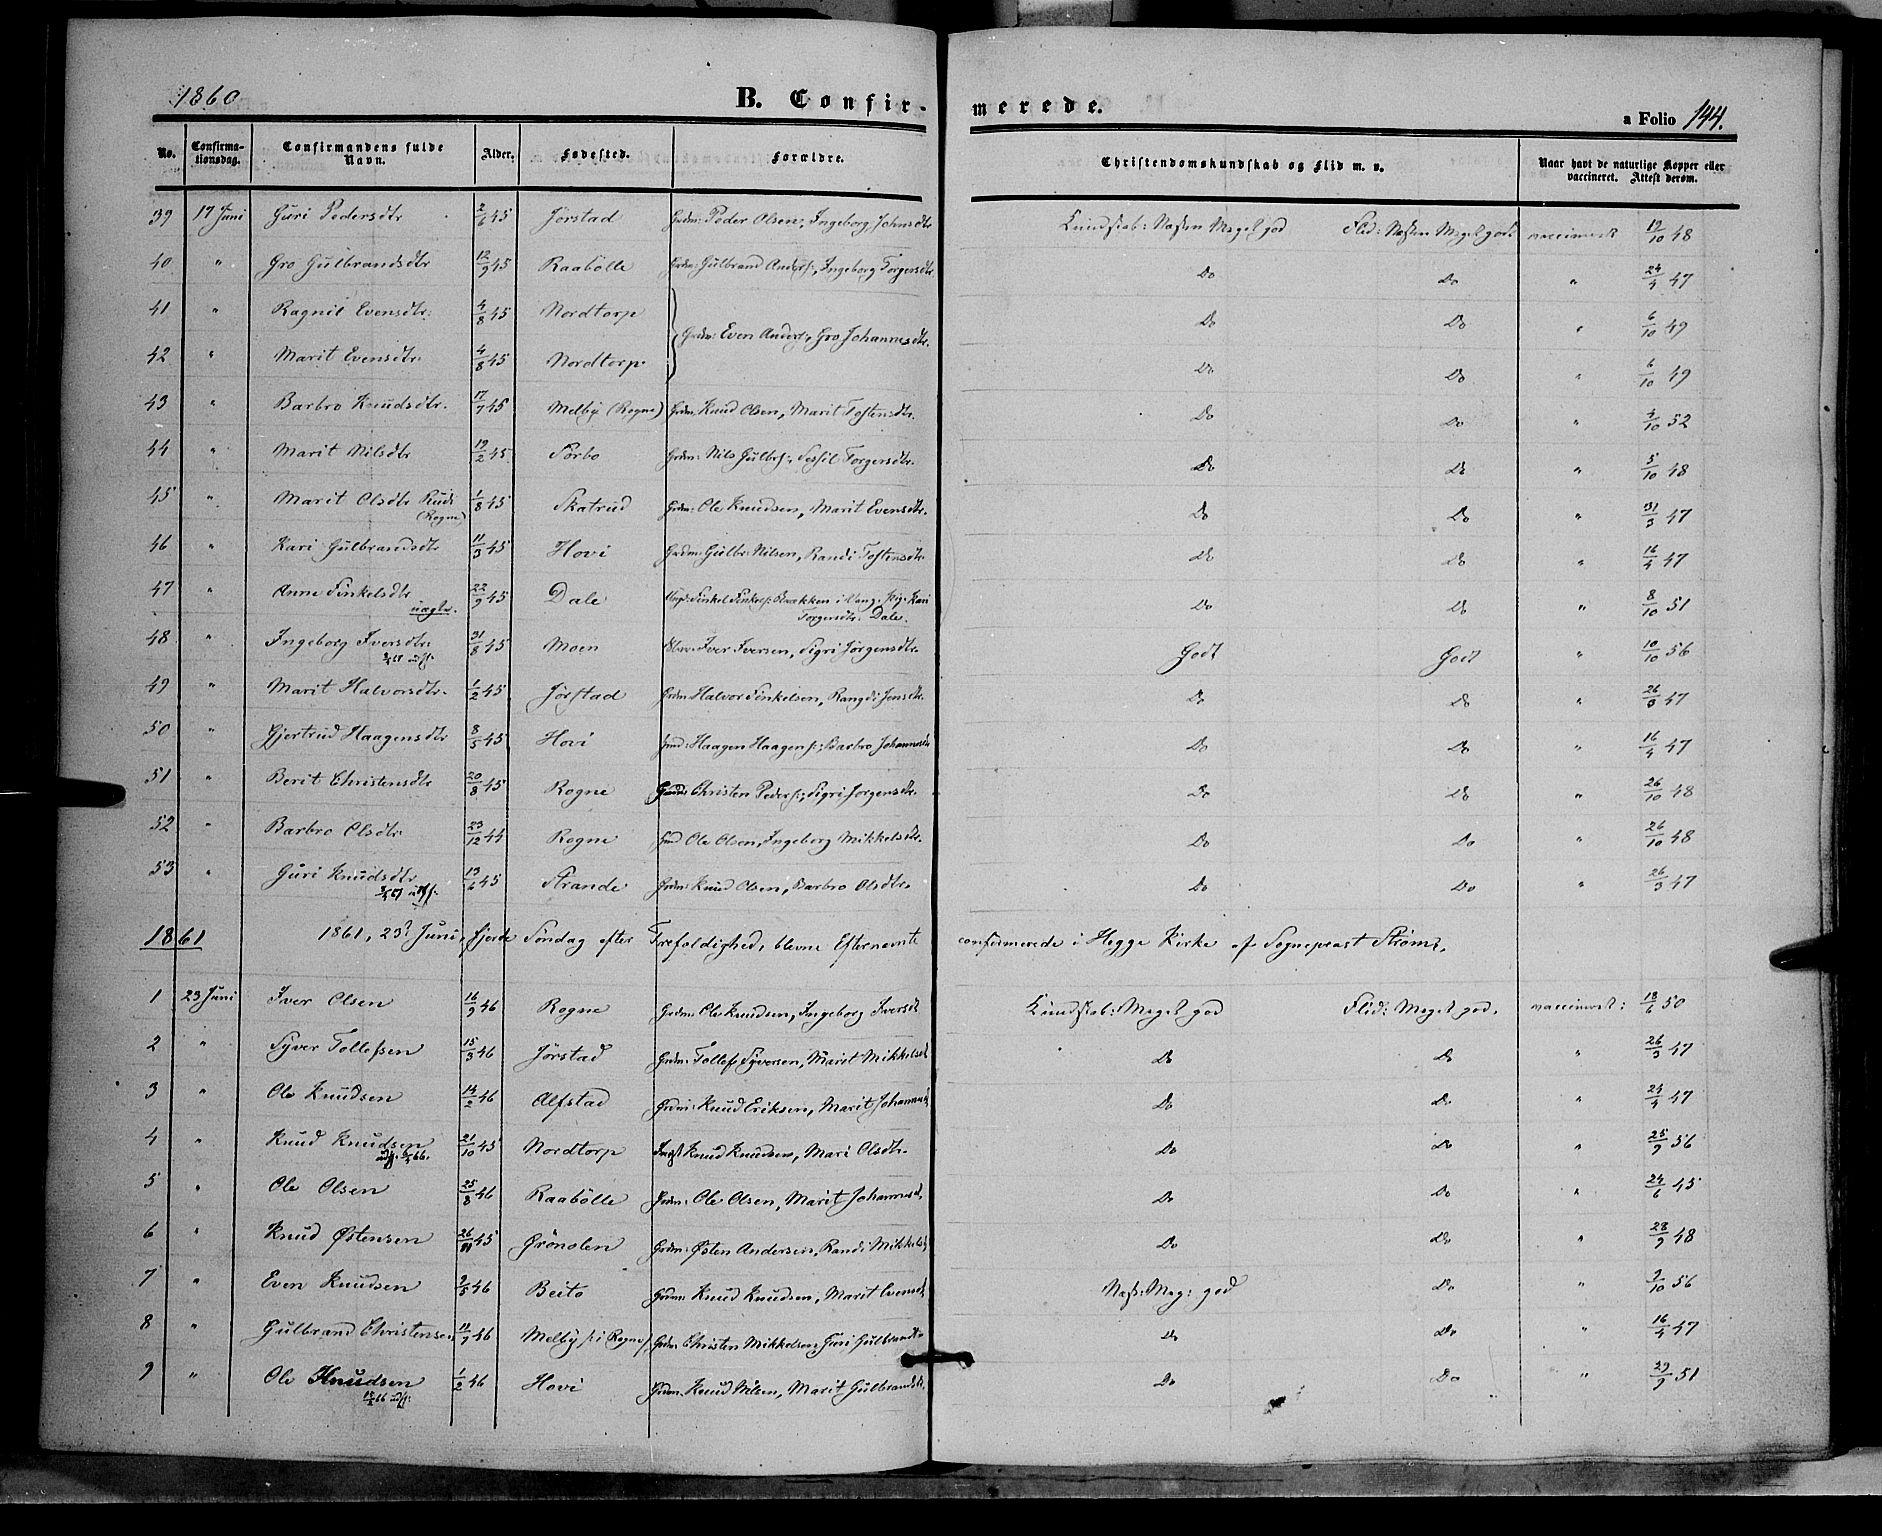 SAH, Øystre Slidre prestekontor, Ministerialbok nr. 1, 1849-1874, s. 144